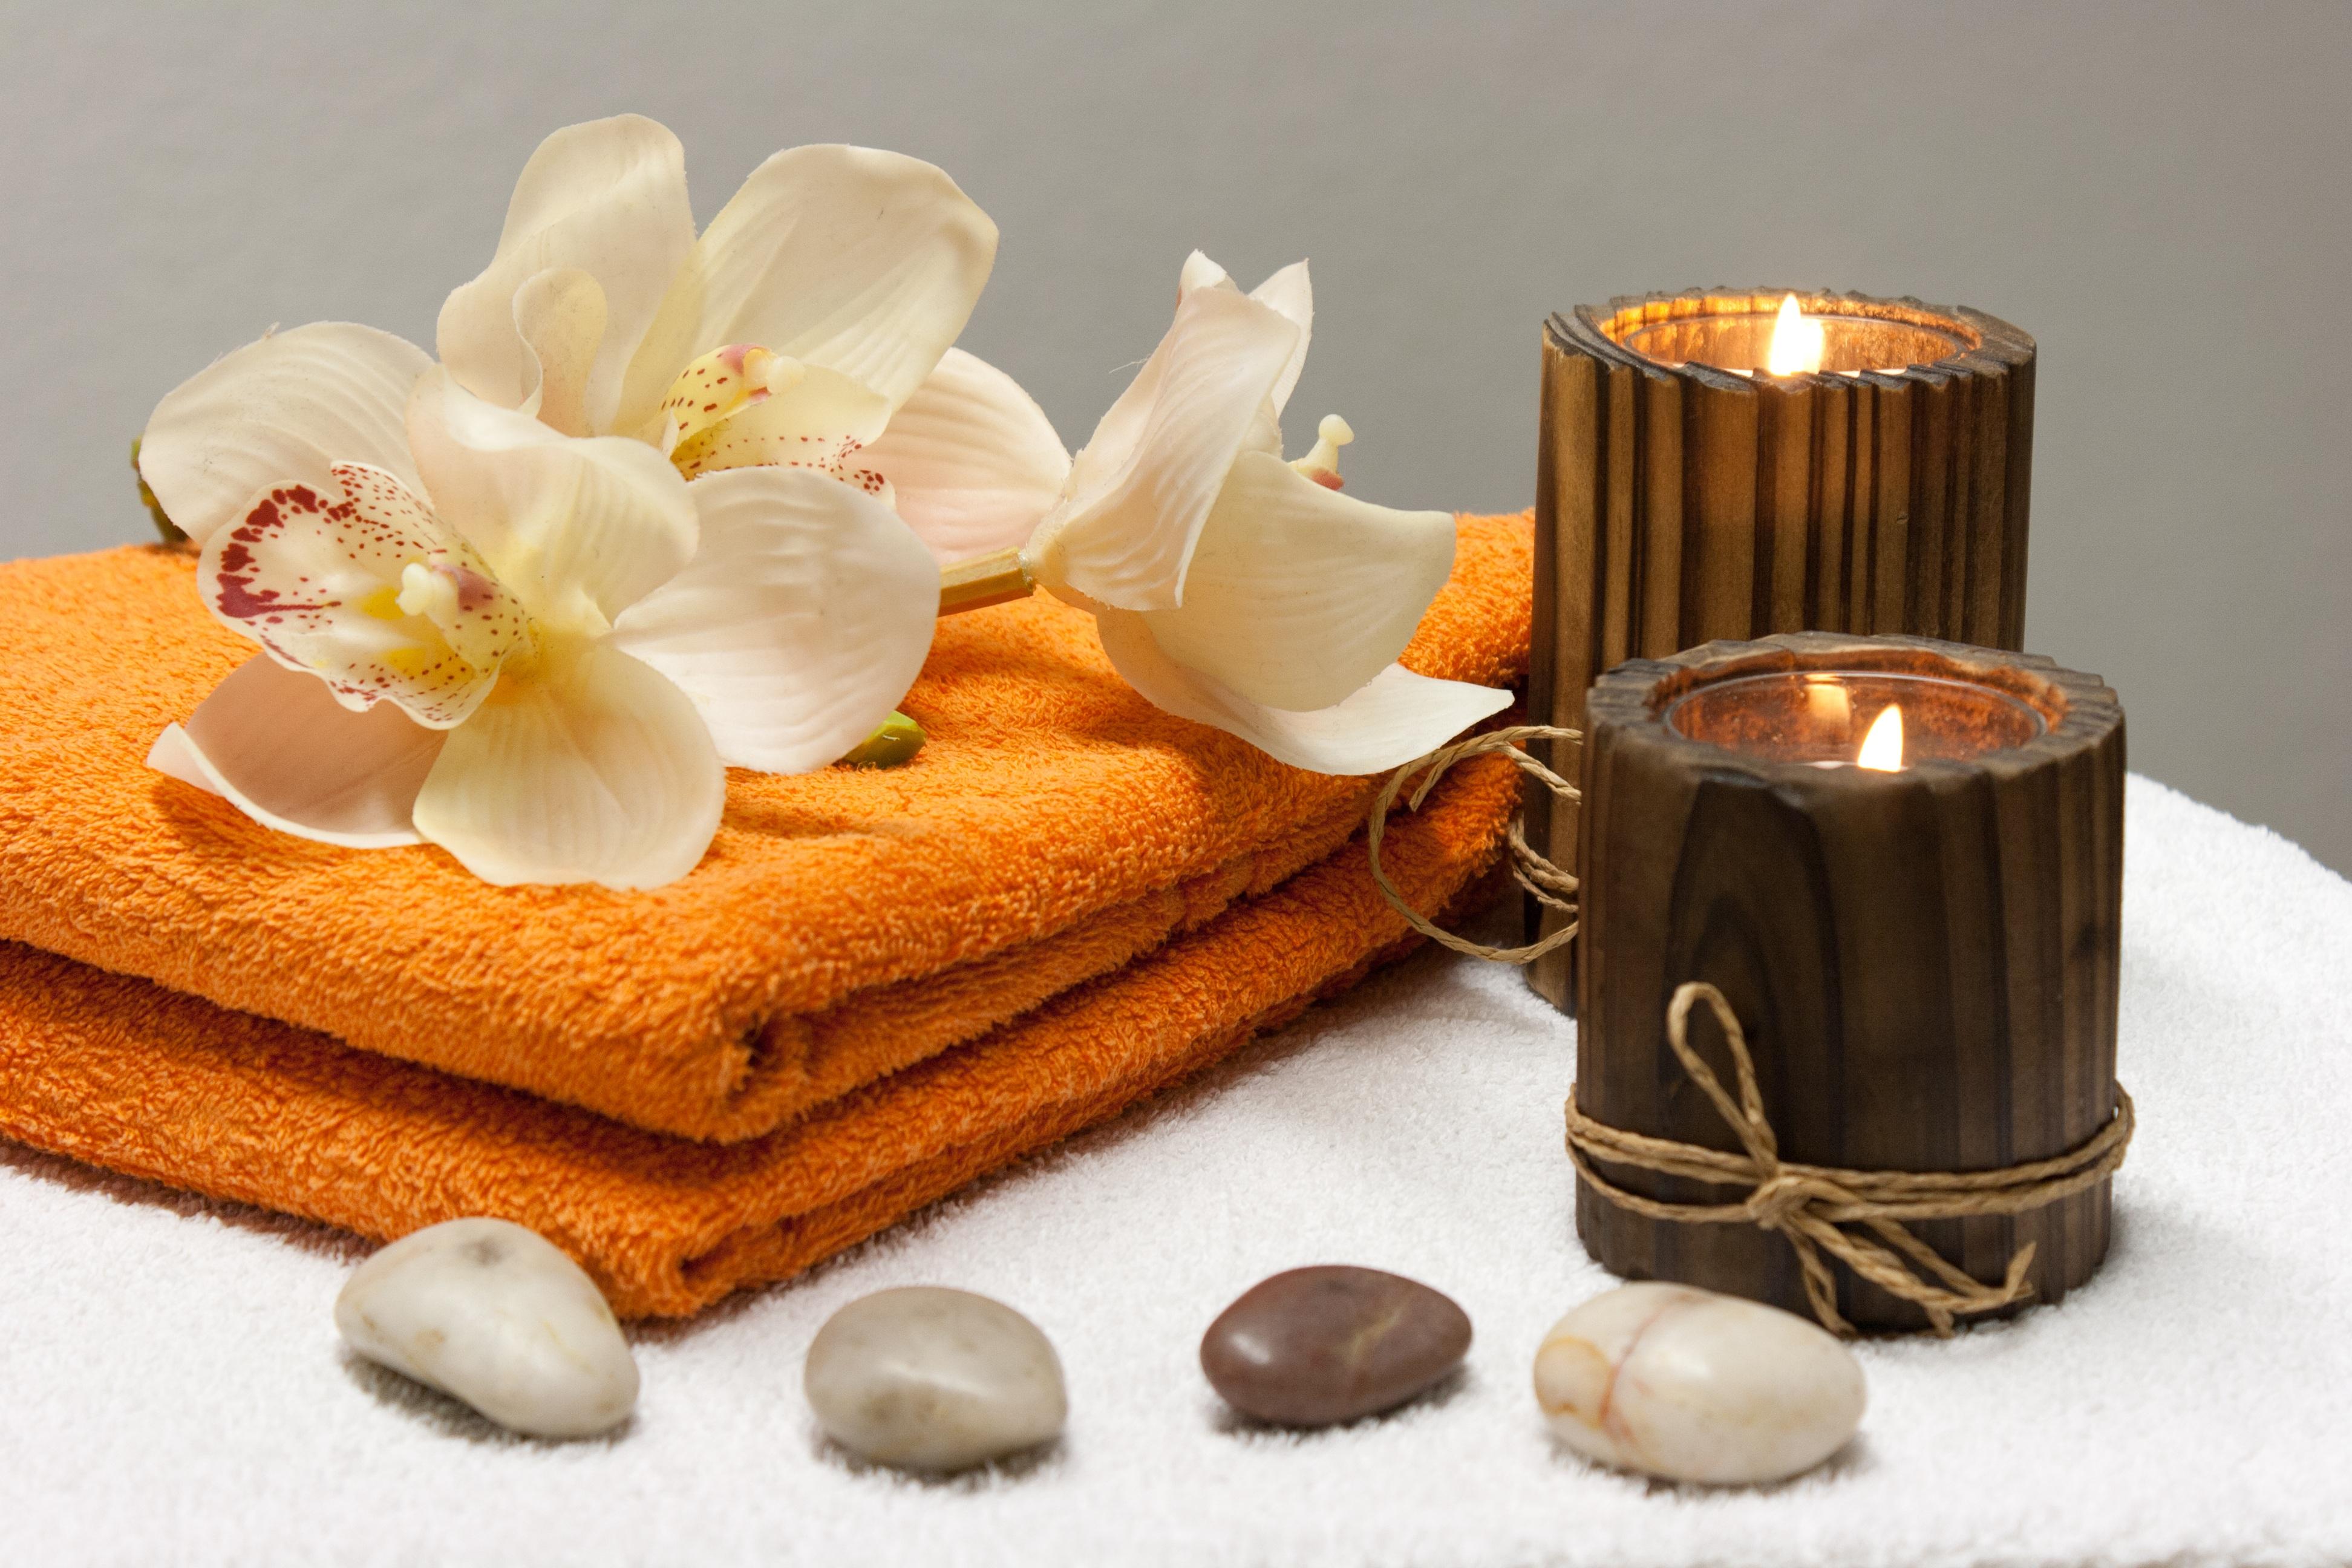 siam massage holstebro massage herning thai